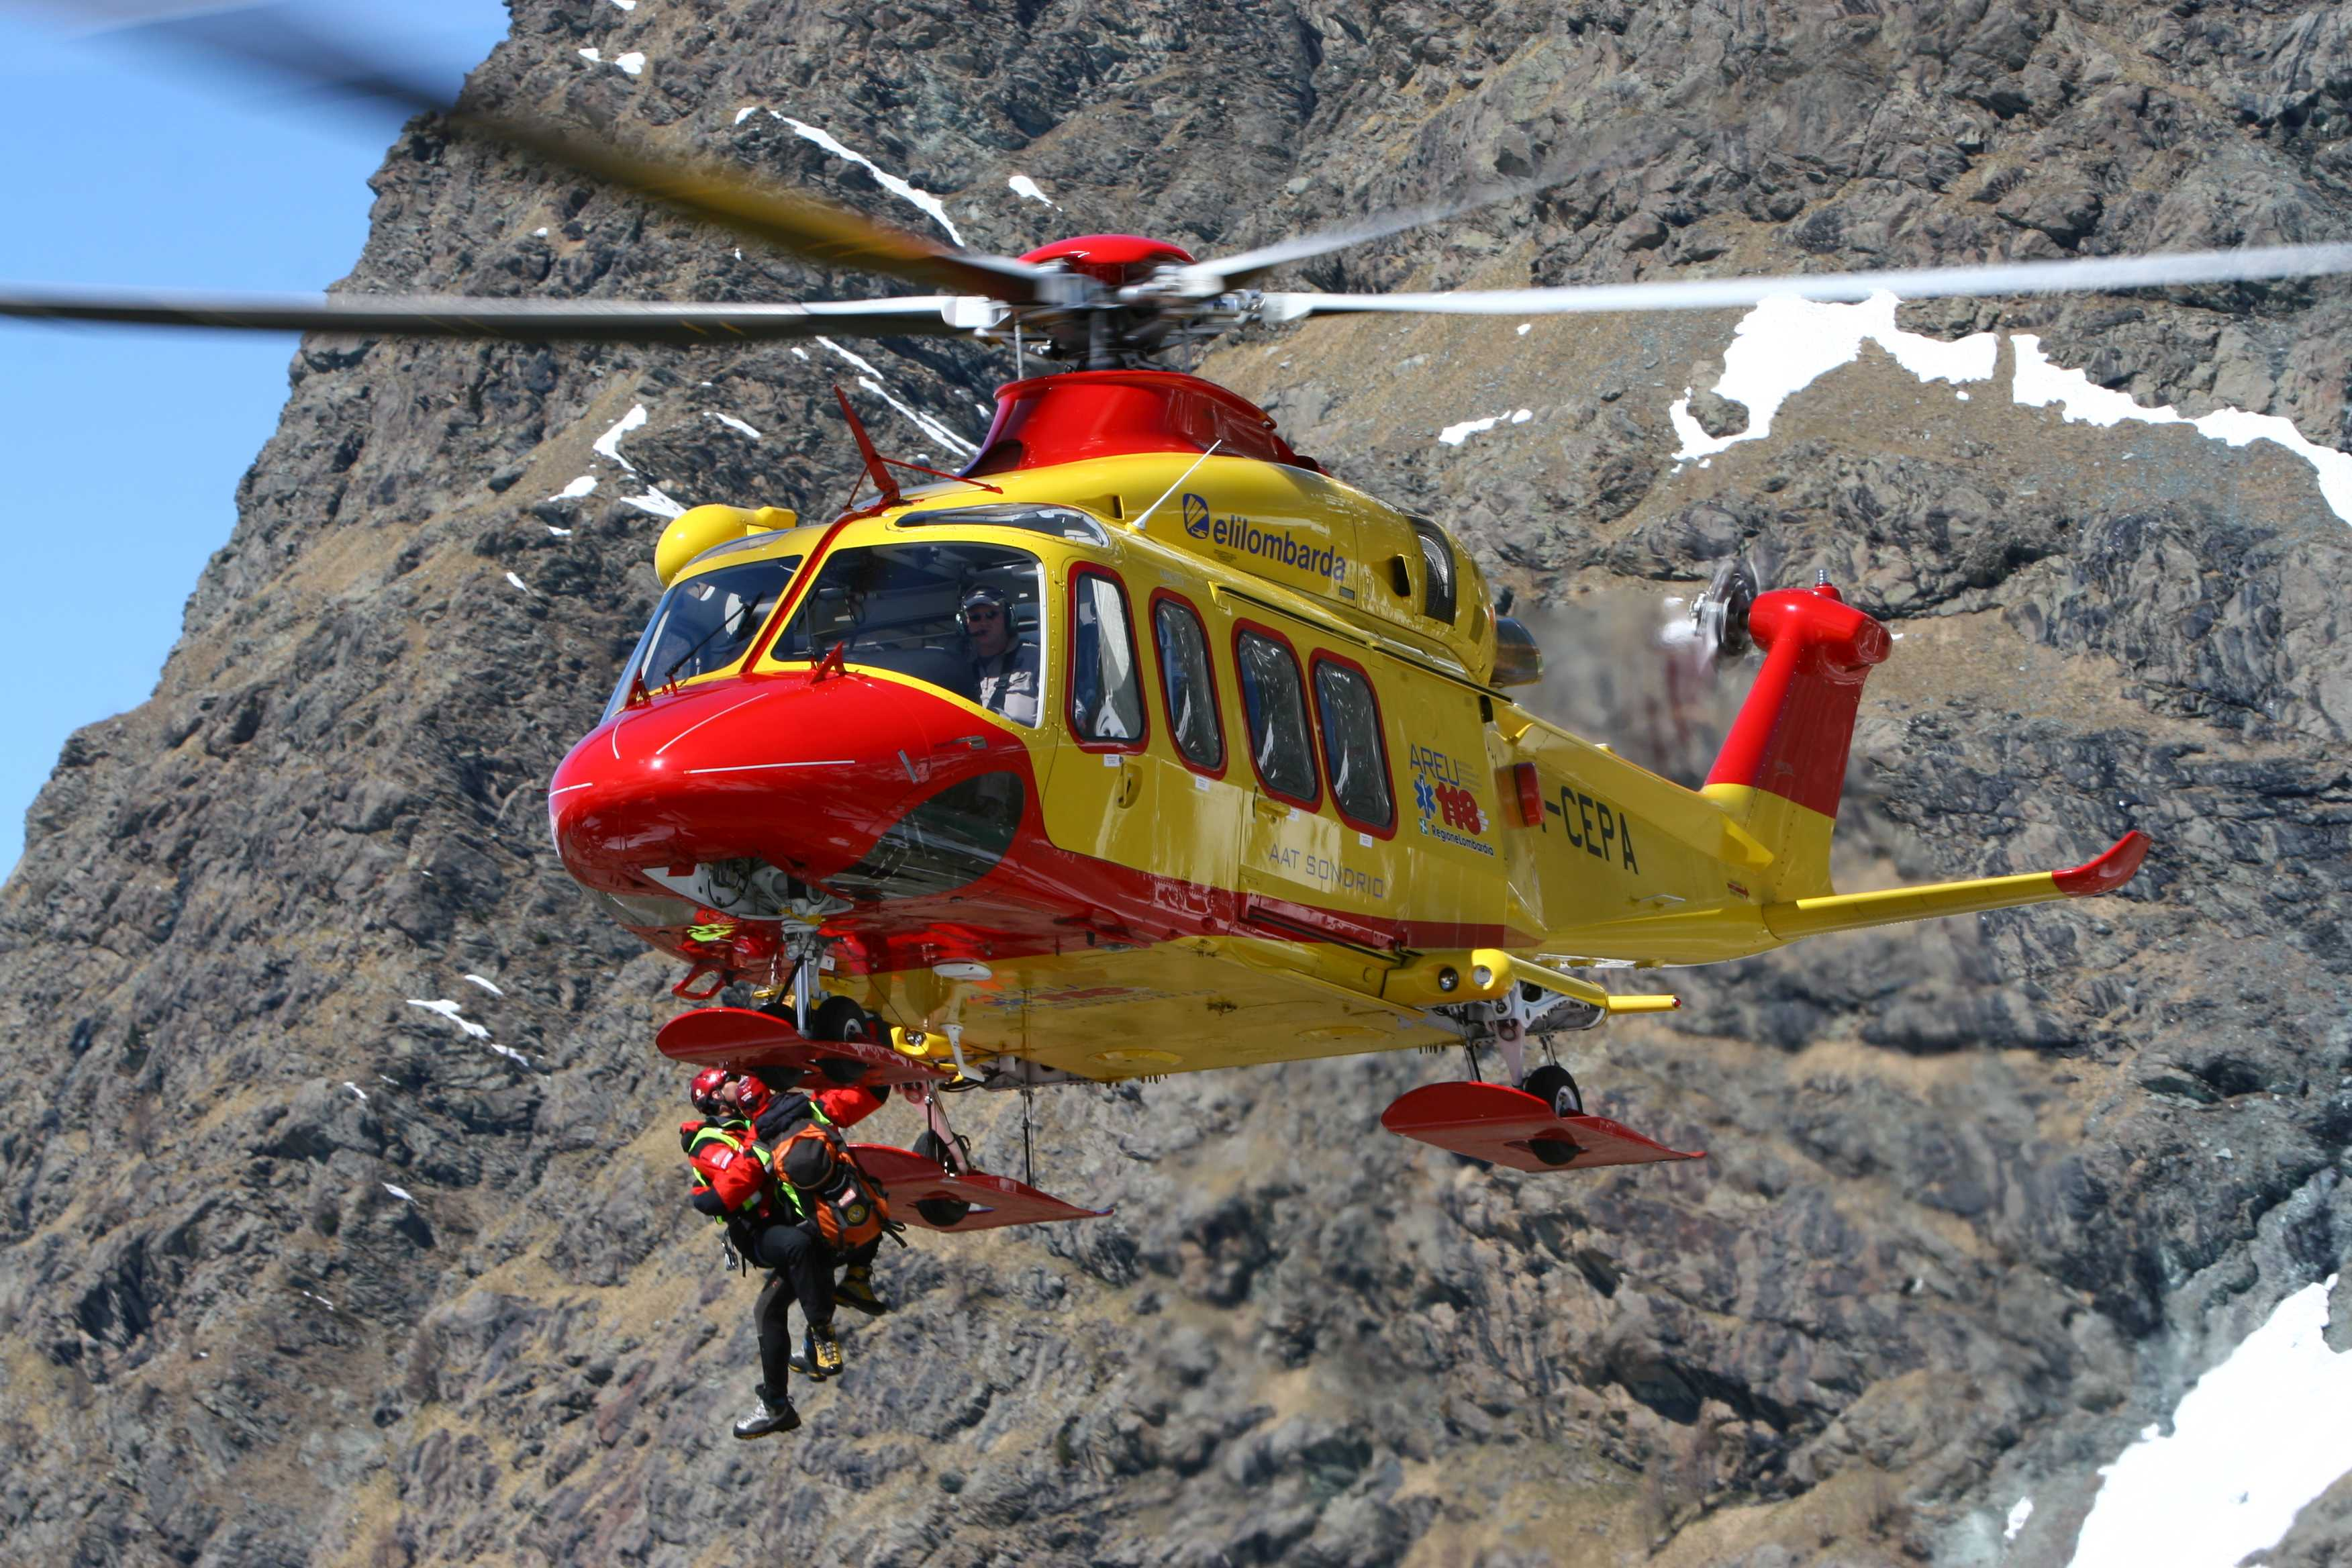 Elicottero Milano : Immagini dallelicottero azienda regionale emergenza urgenza